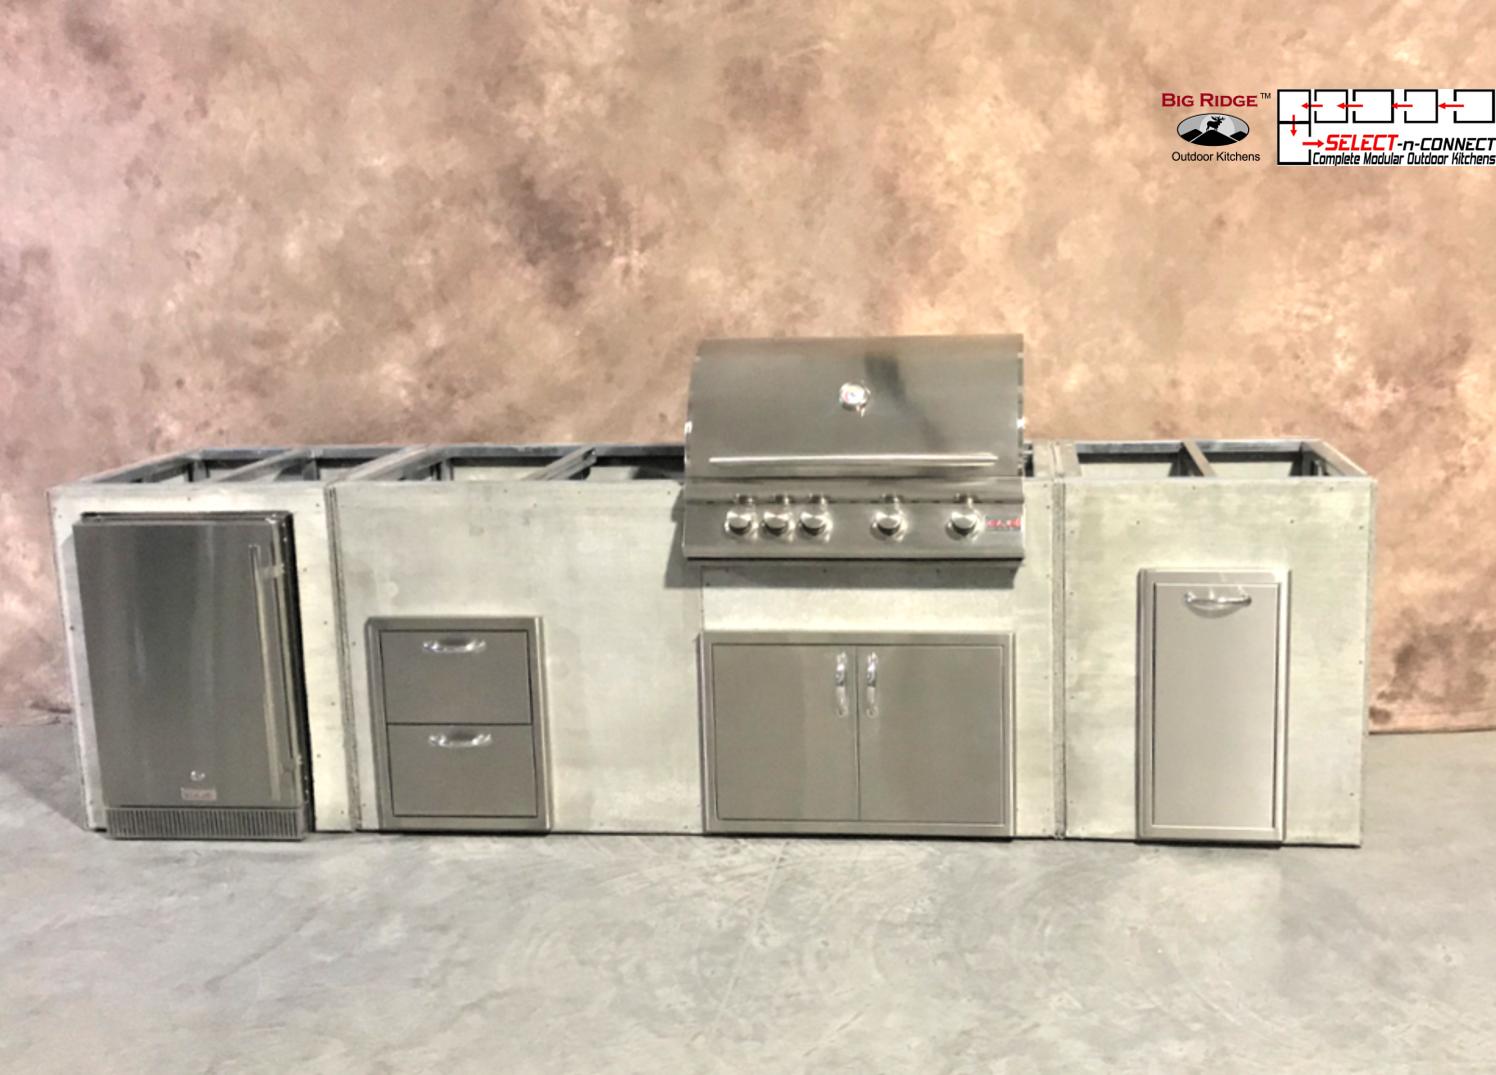 Robin Rtf Snc In 2020 Outdoor Kitchen Design Outdoor Kitchen